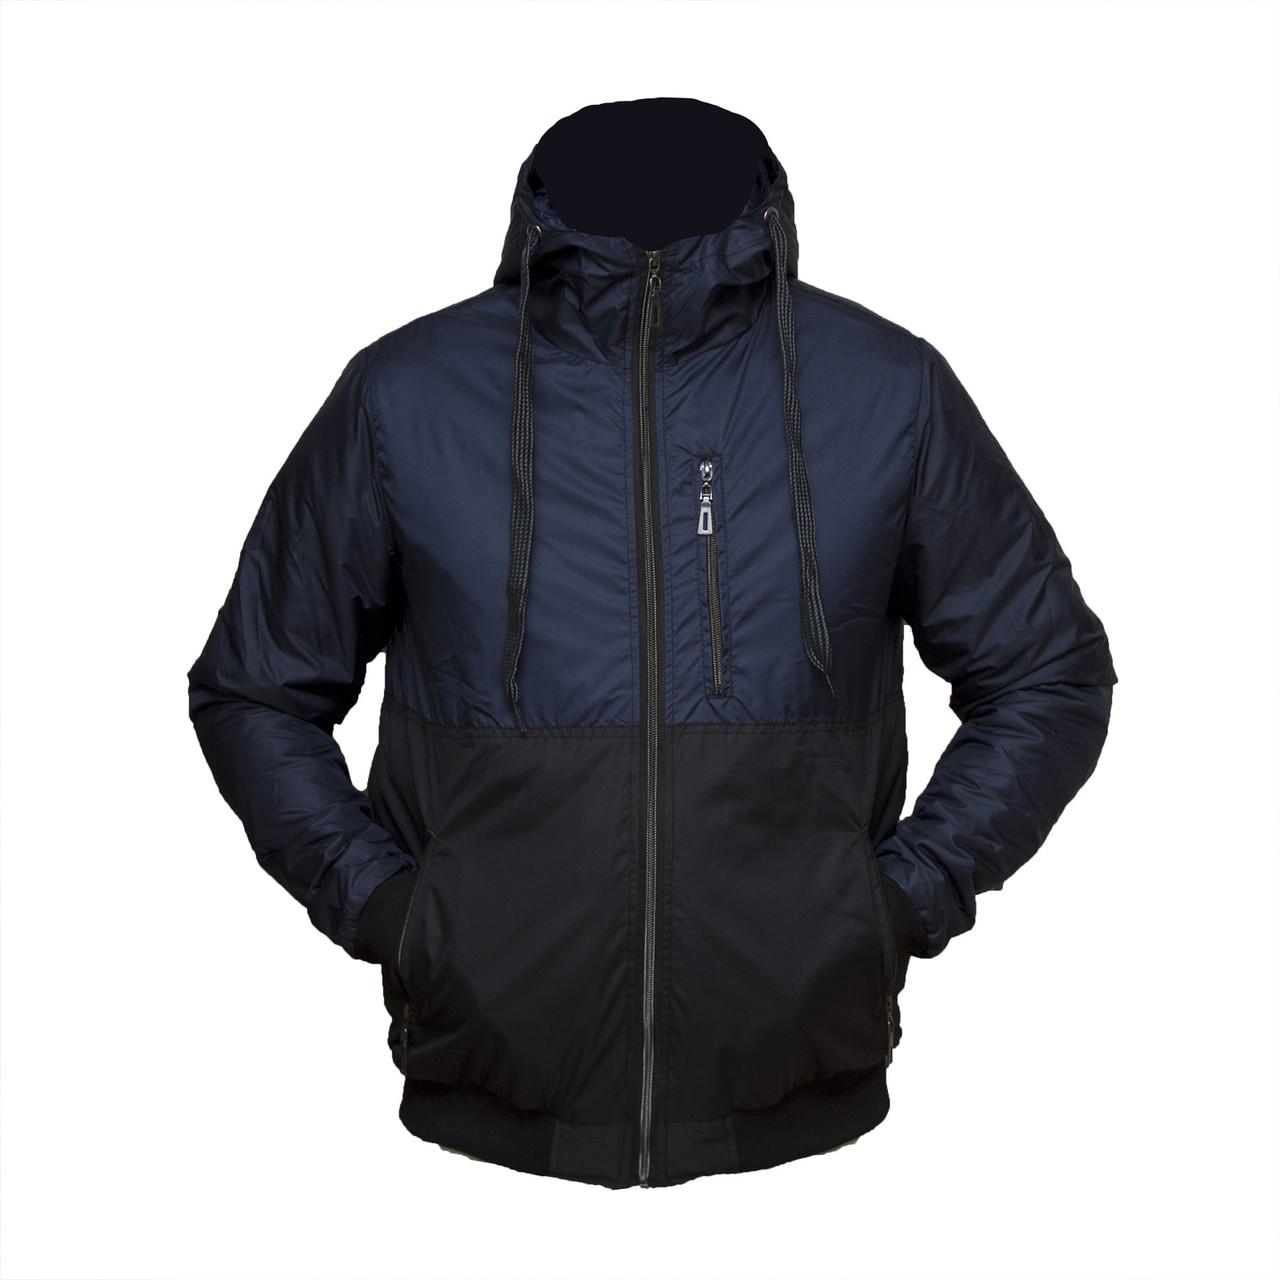 Чоловіча темно-синя куртка пр-во. Україна від виробника KD455